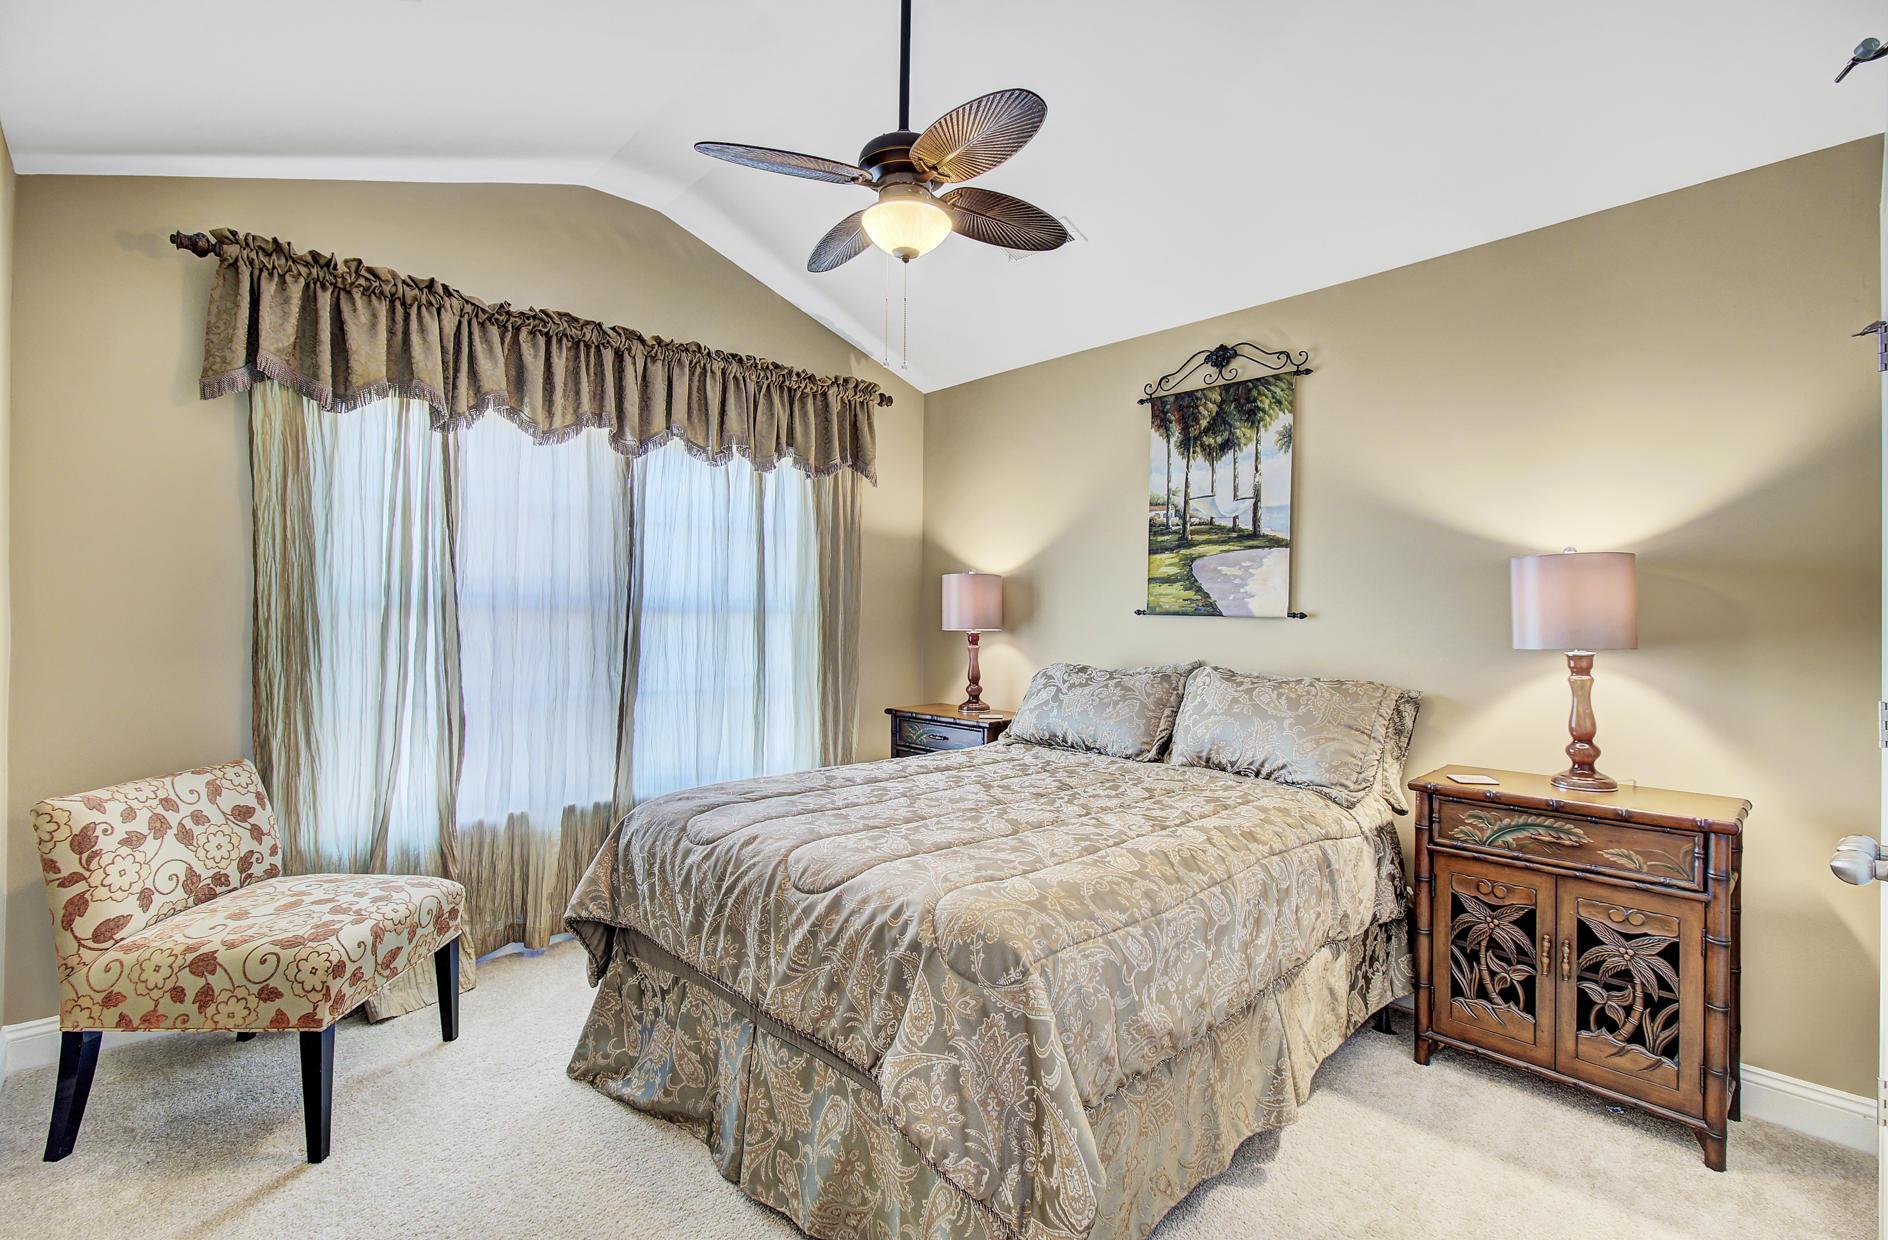 Park West Homes For Sale - 3672 Bagley, Mount Pleasant, SC - 1